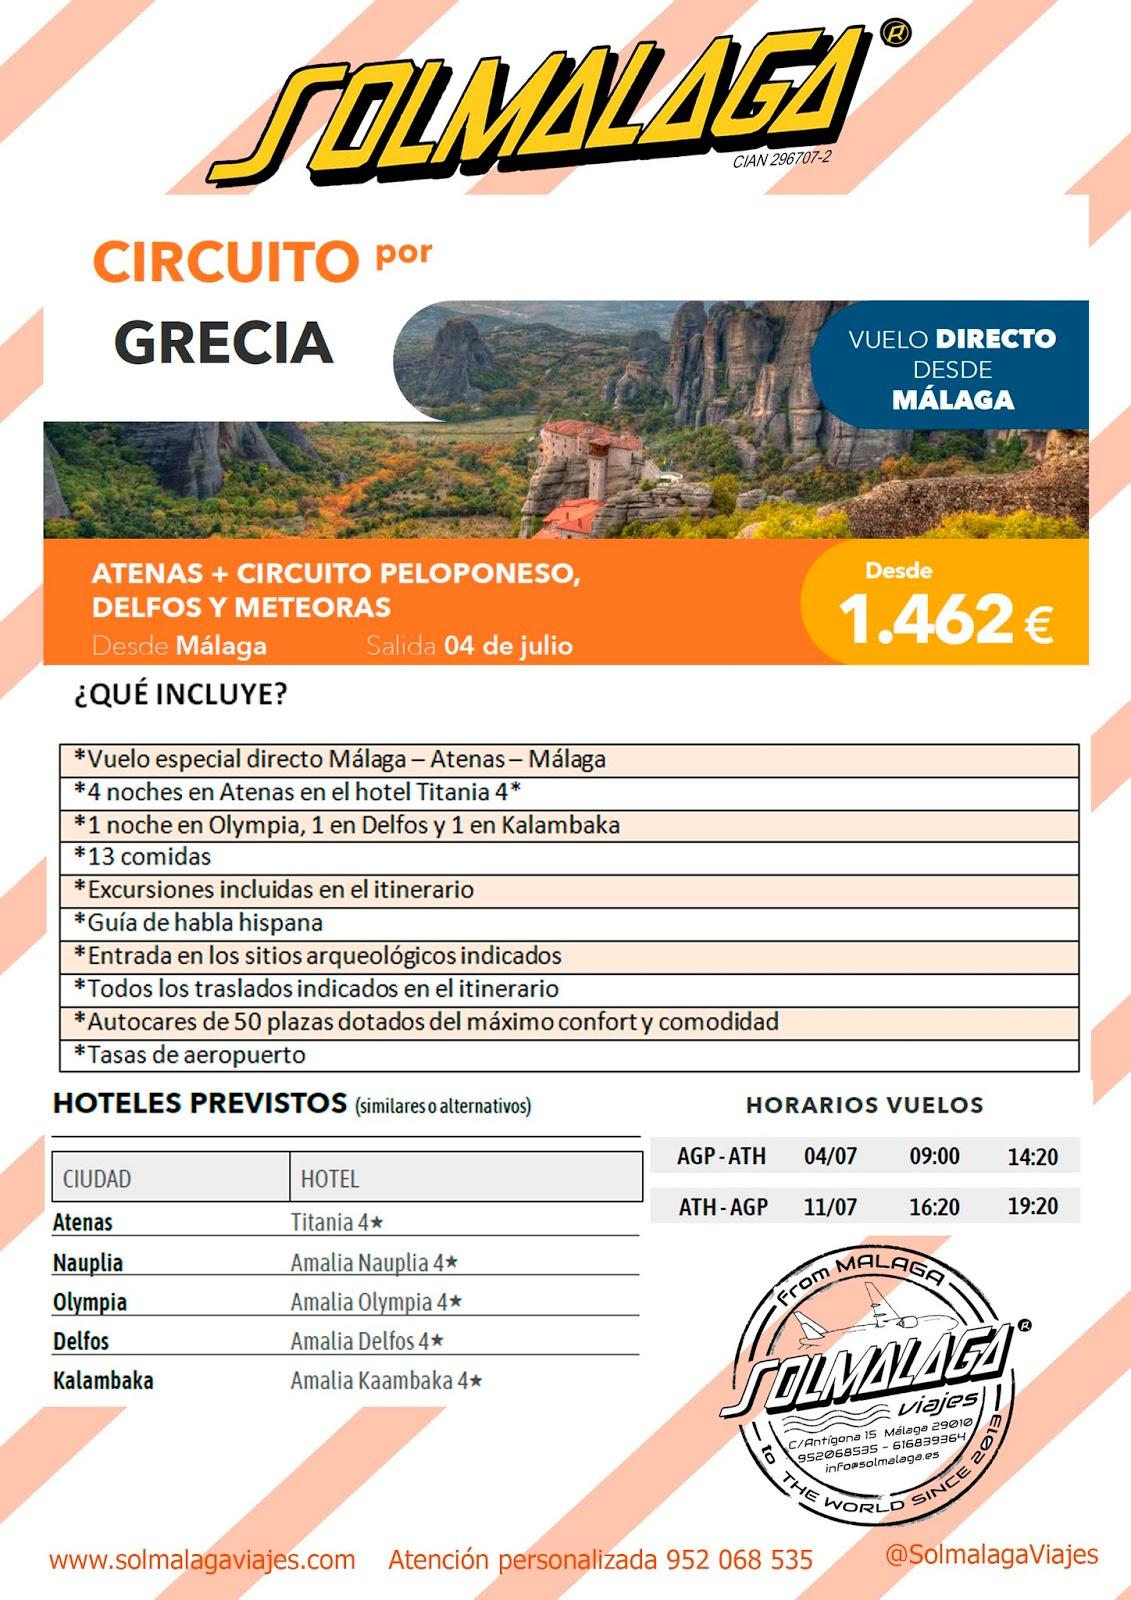 Circuito Grecia : Solmálaga viajes: circuitos europa desde mÁlaga